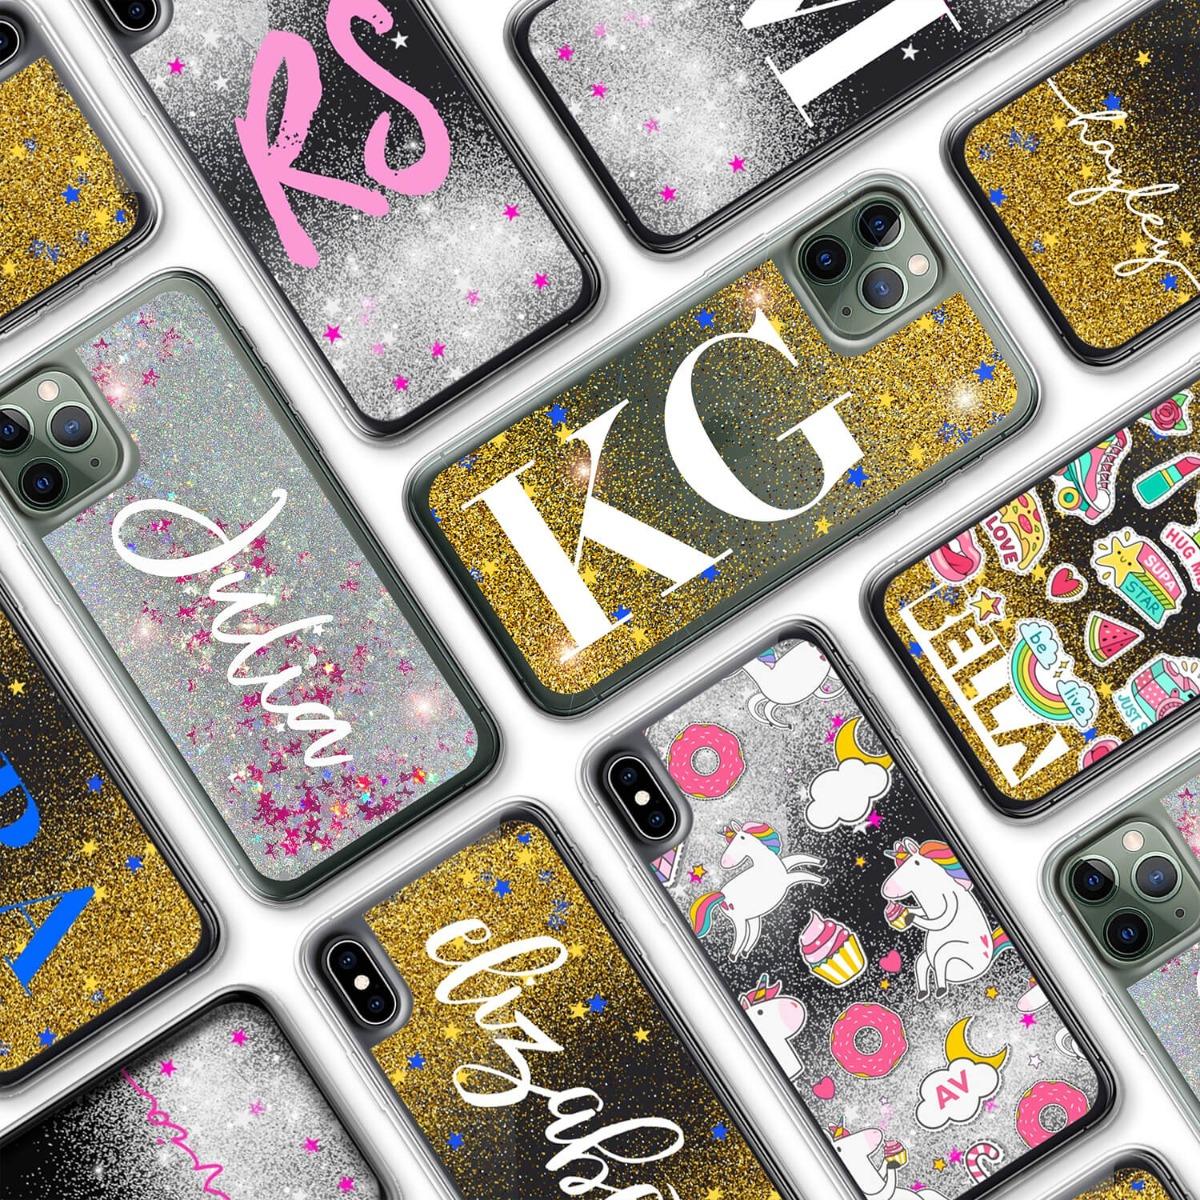 iPhone SE 2020 Glitter Case 16138